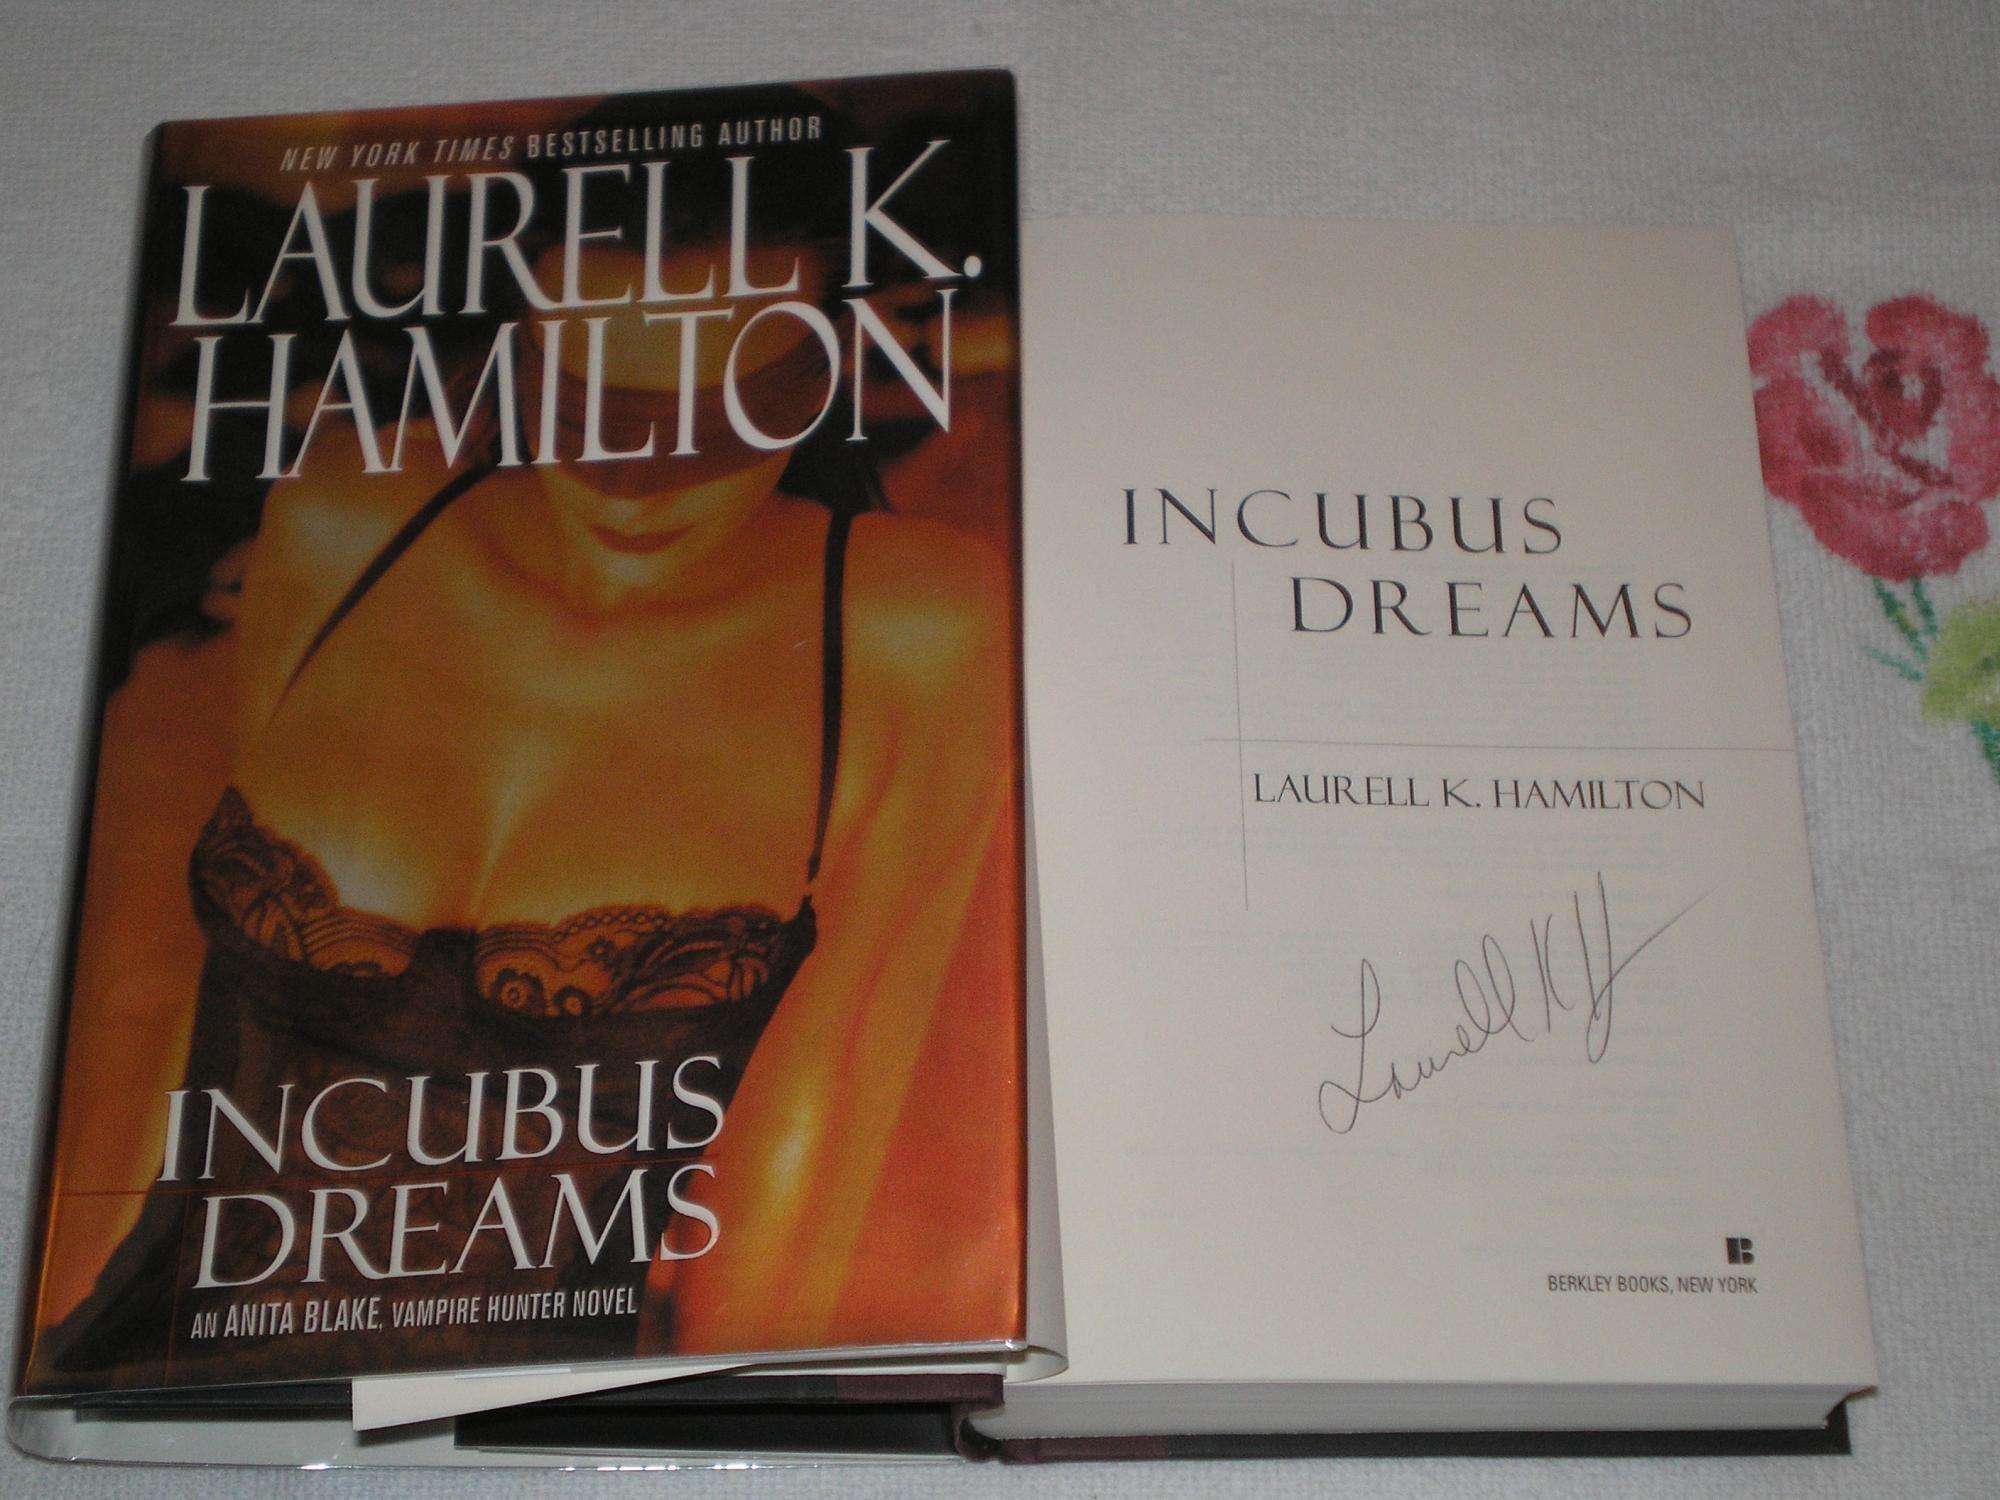 Incubus Dreams  Anita Blake, Vampire Hunter Series _ LAURELL HAMILTON